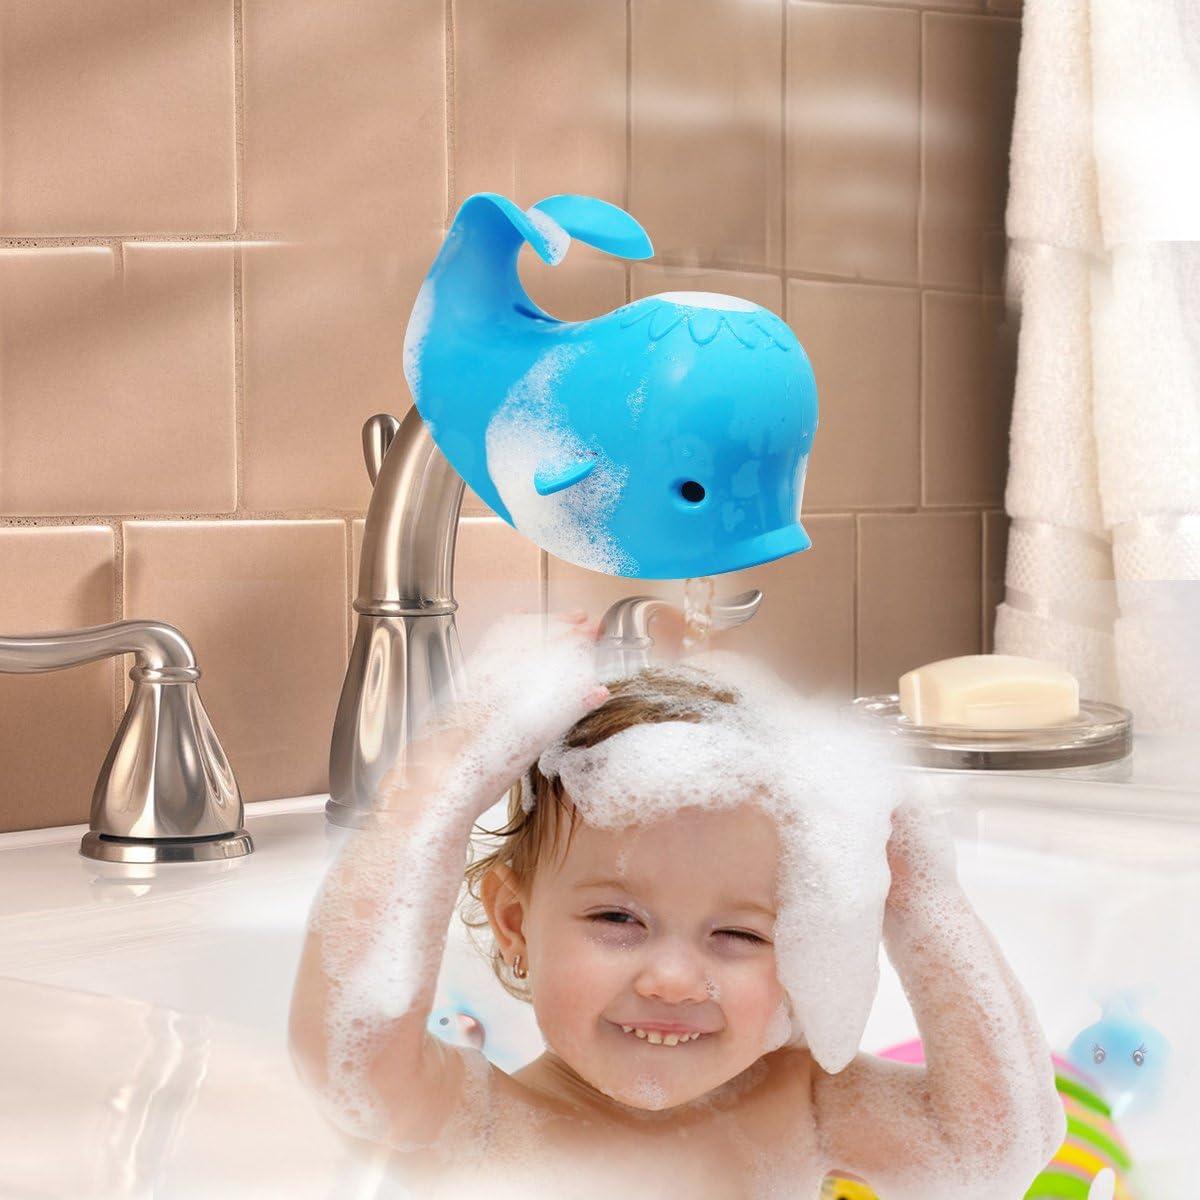 Vasca da Bagno Copertura Rubinetto Bambino Dangolo Copertura Toccare Caso Lacqua Bambini Protezione di Sicurezza Blu balena